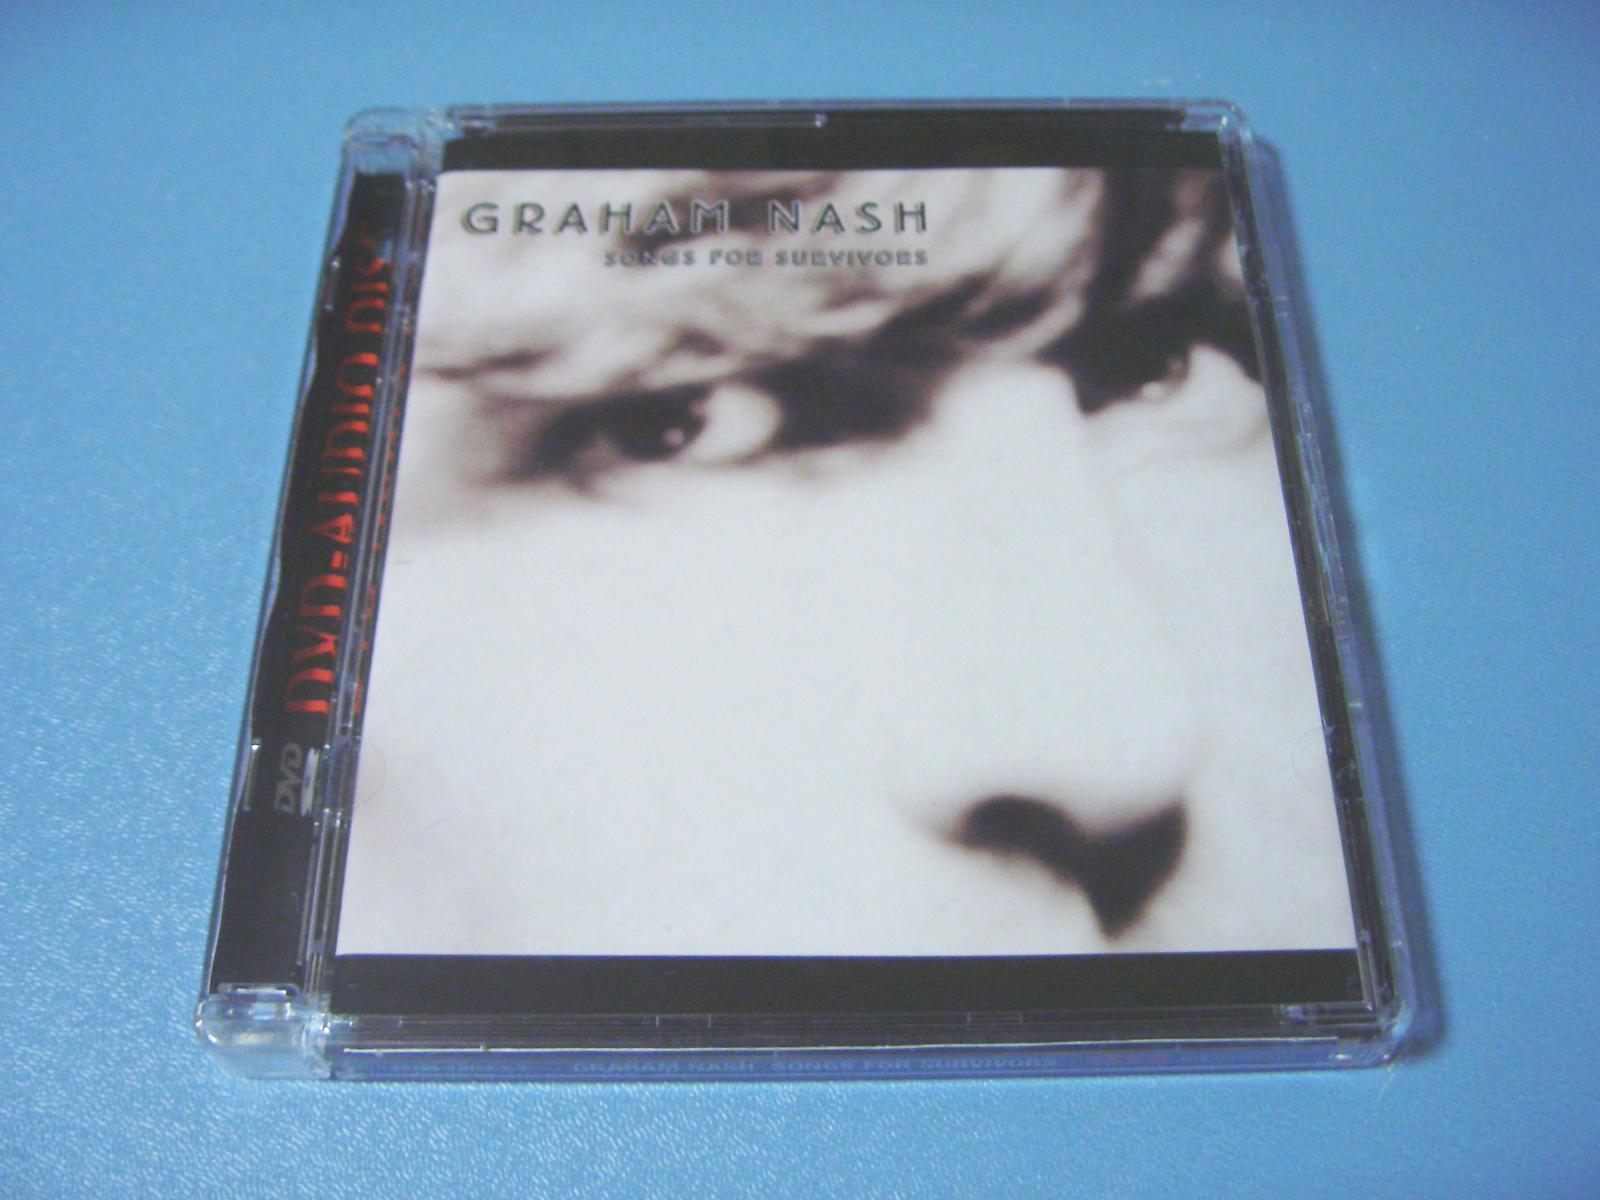 Graham Nash / Songs for Survivors(DVD-AUDIO)_c0062649_23204664.jpg